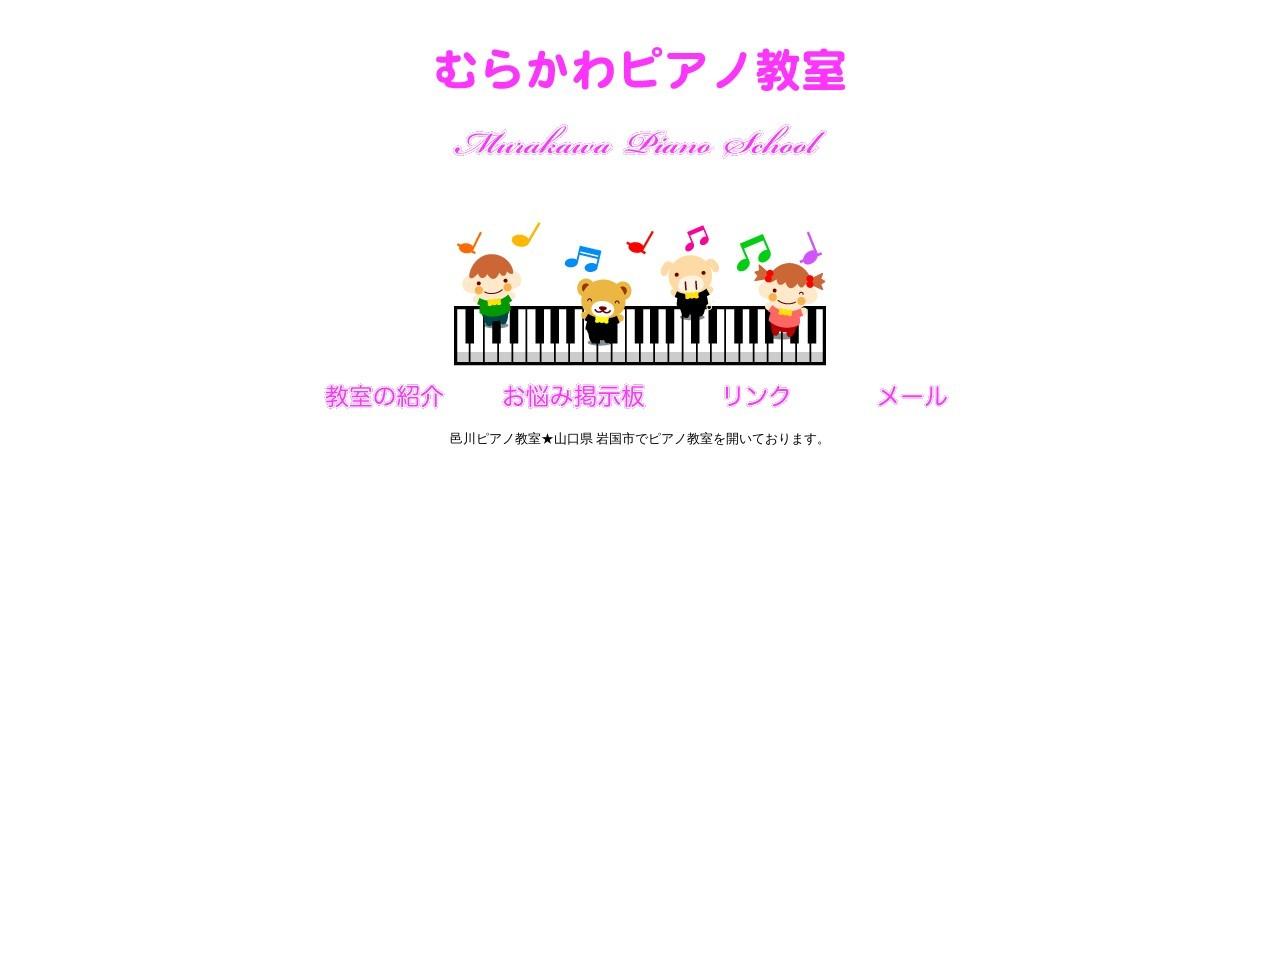 邑川(むらかわ)ピアノ教室のサムネイル